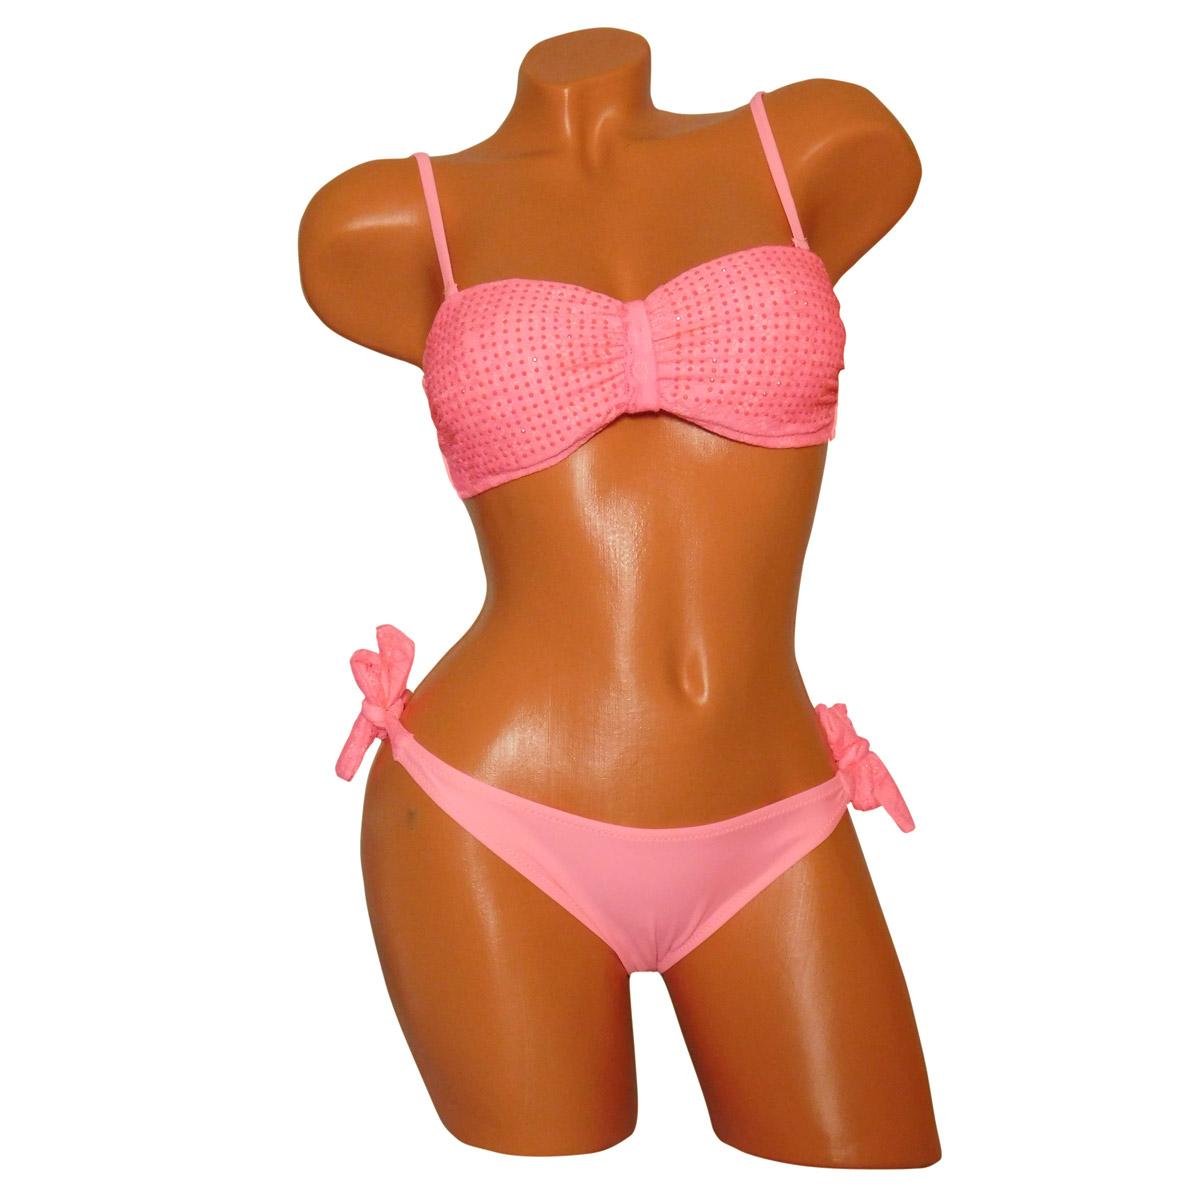 Bandeau bikini barack színben a felső csipkével és strasszal díszített